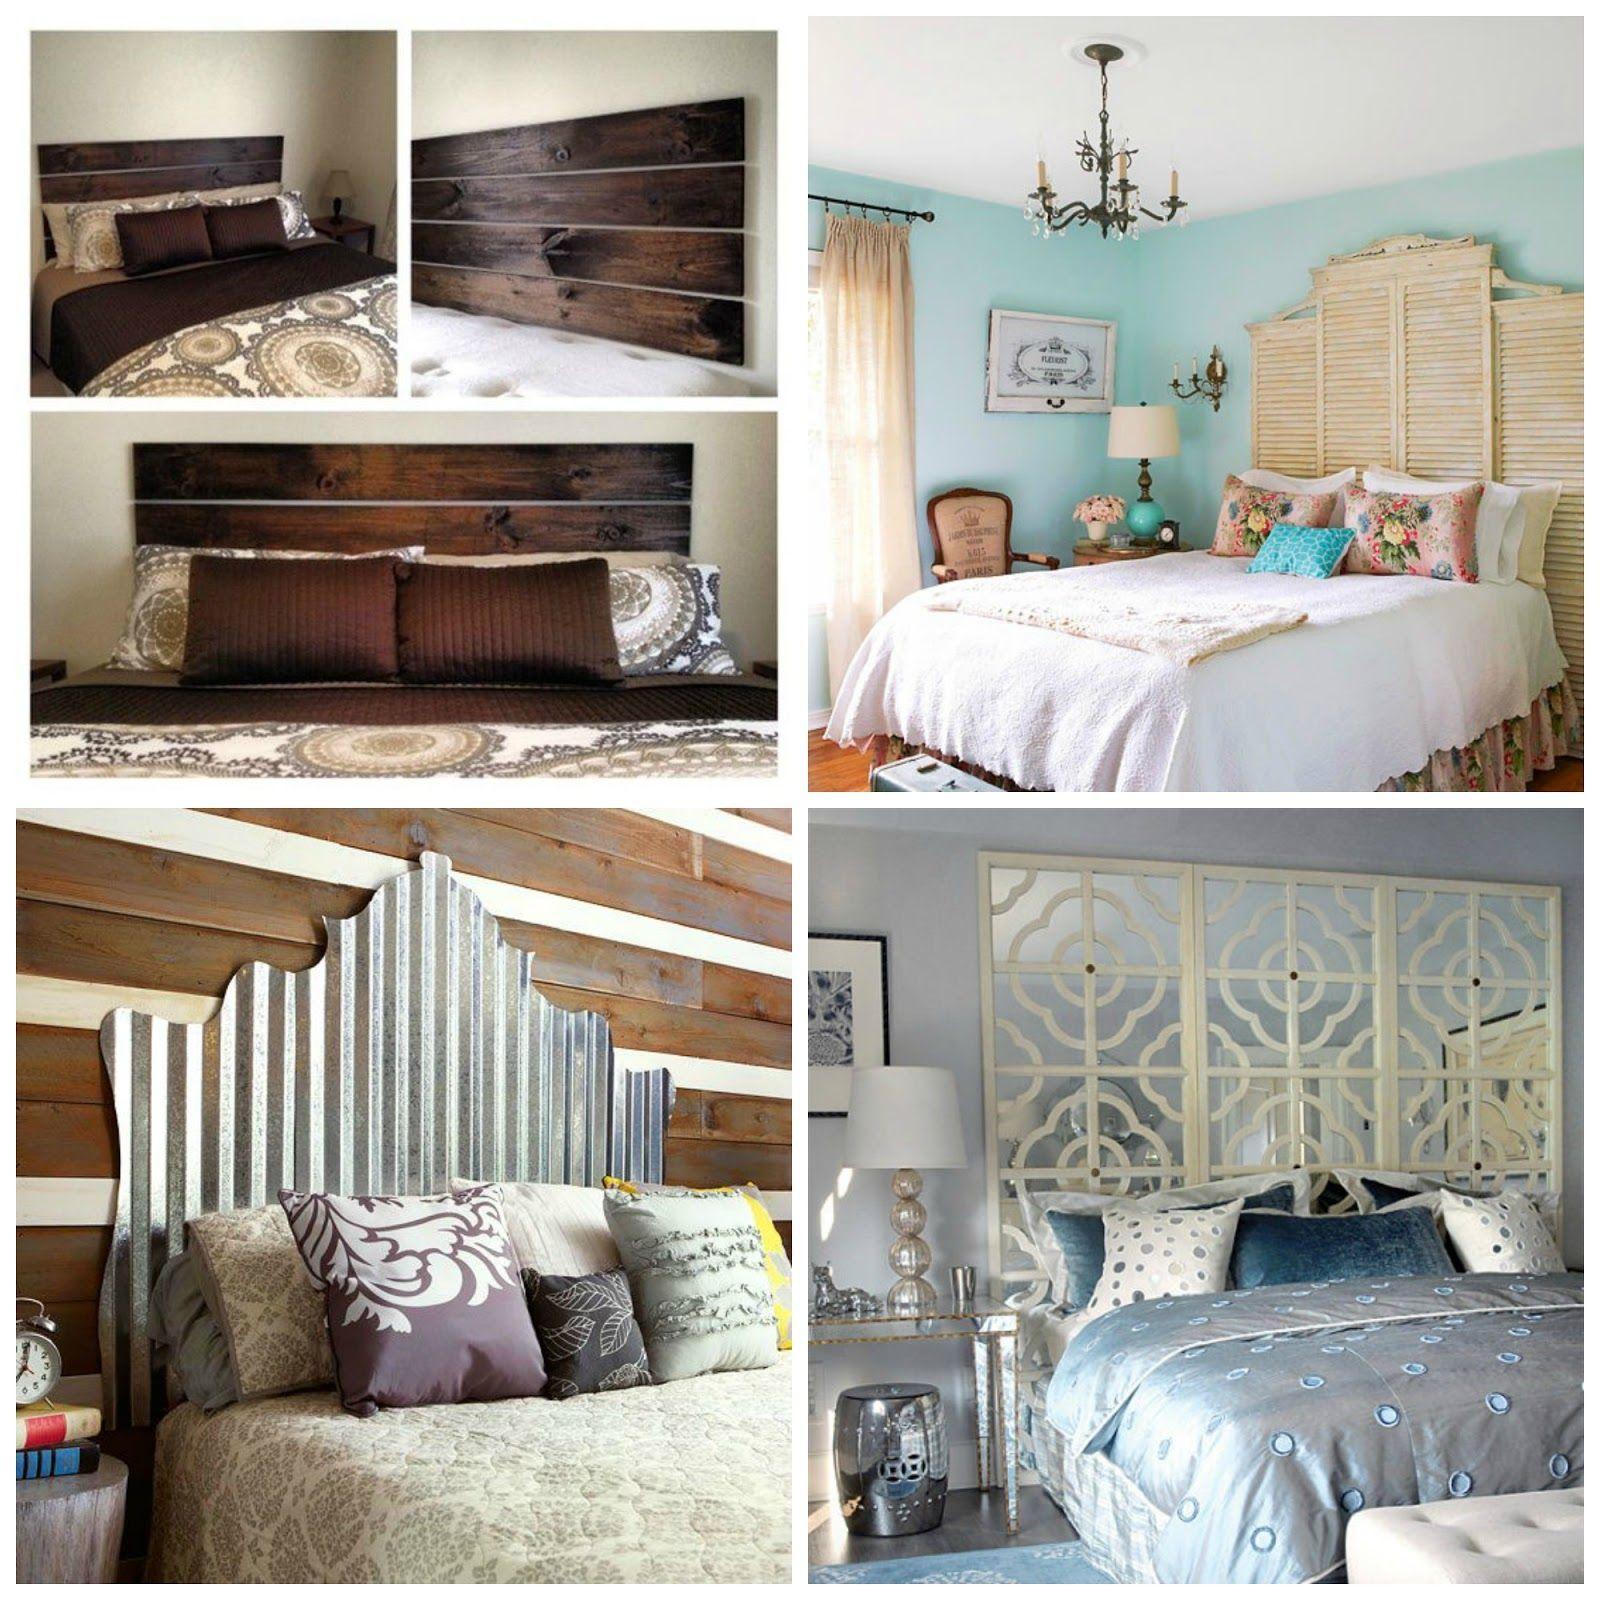 Master bedroom headboard ideas   Superb DIY Headboard Ideas for Your Chic Bedroom  Master